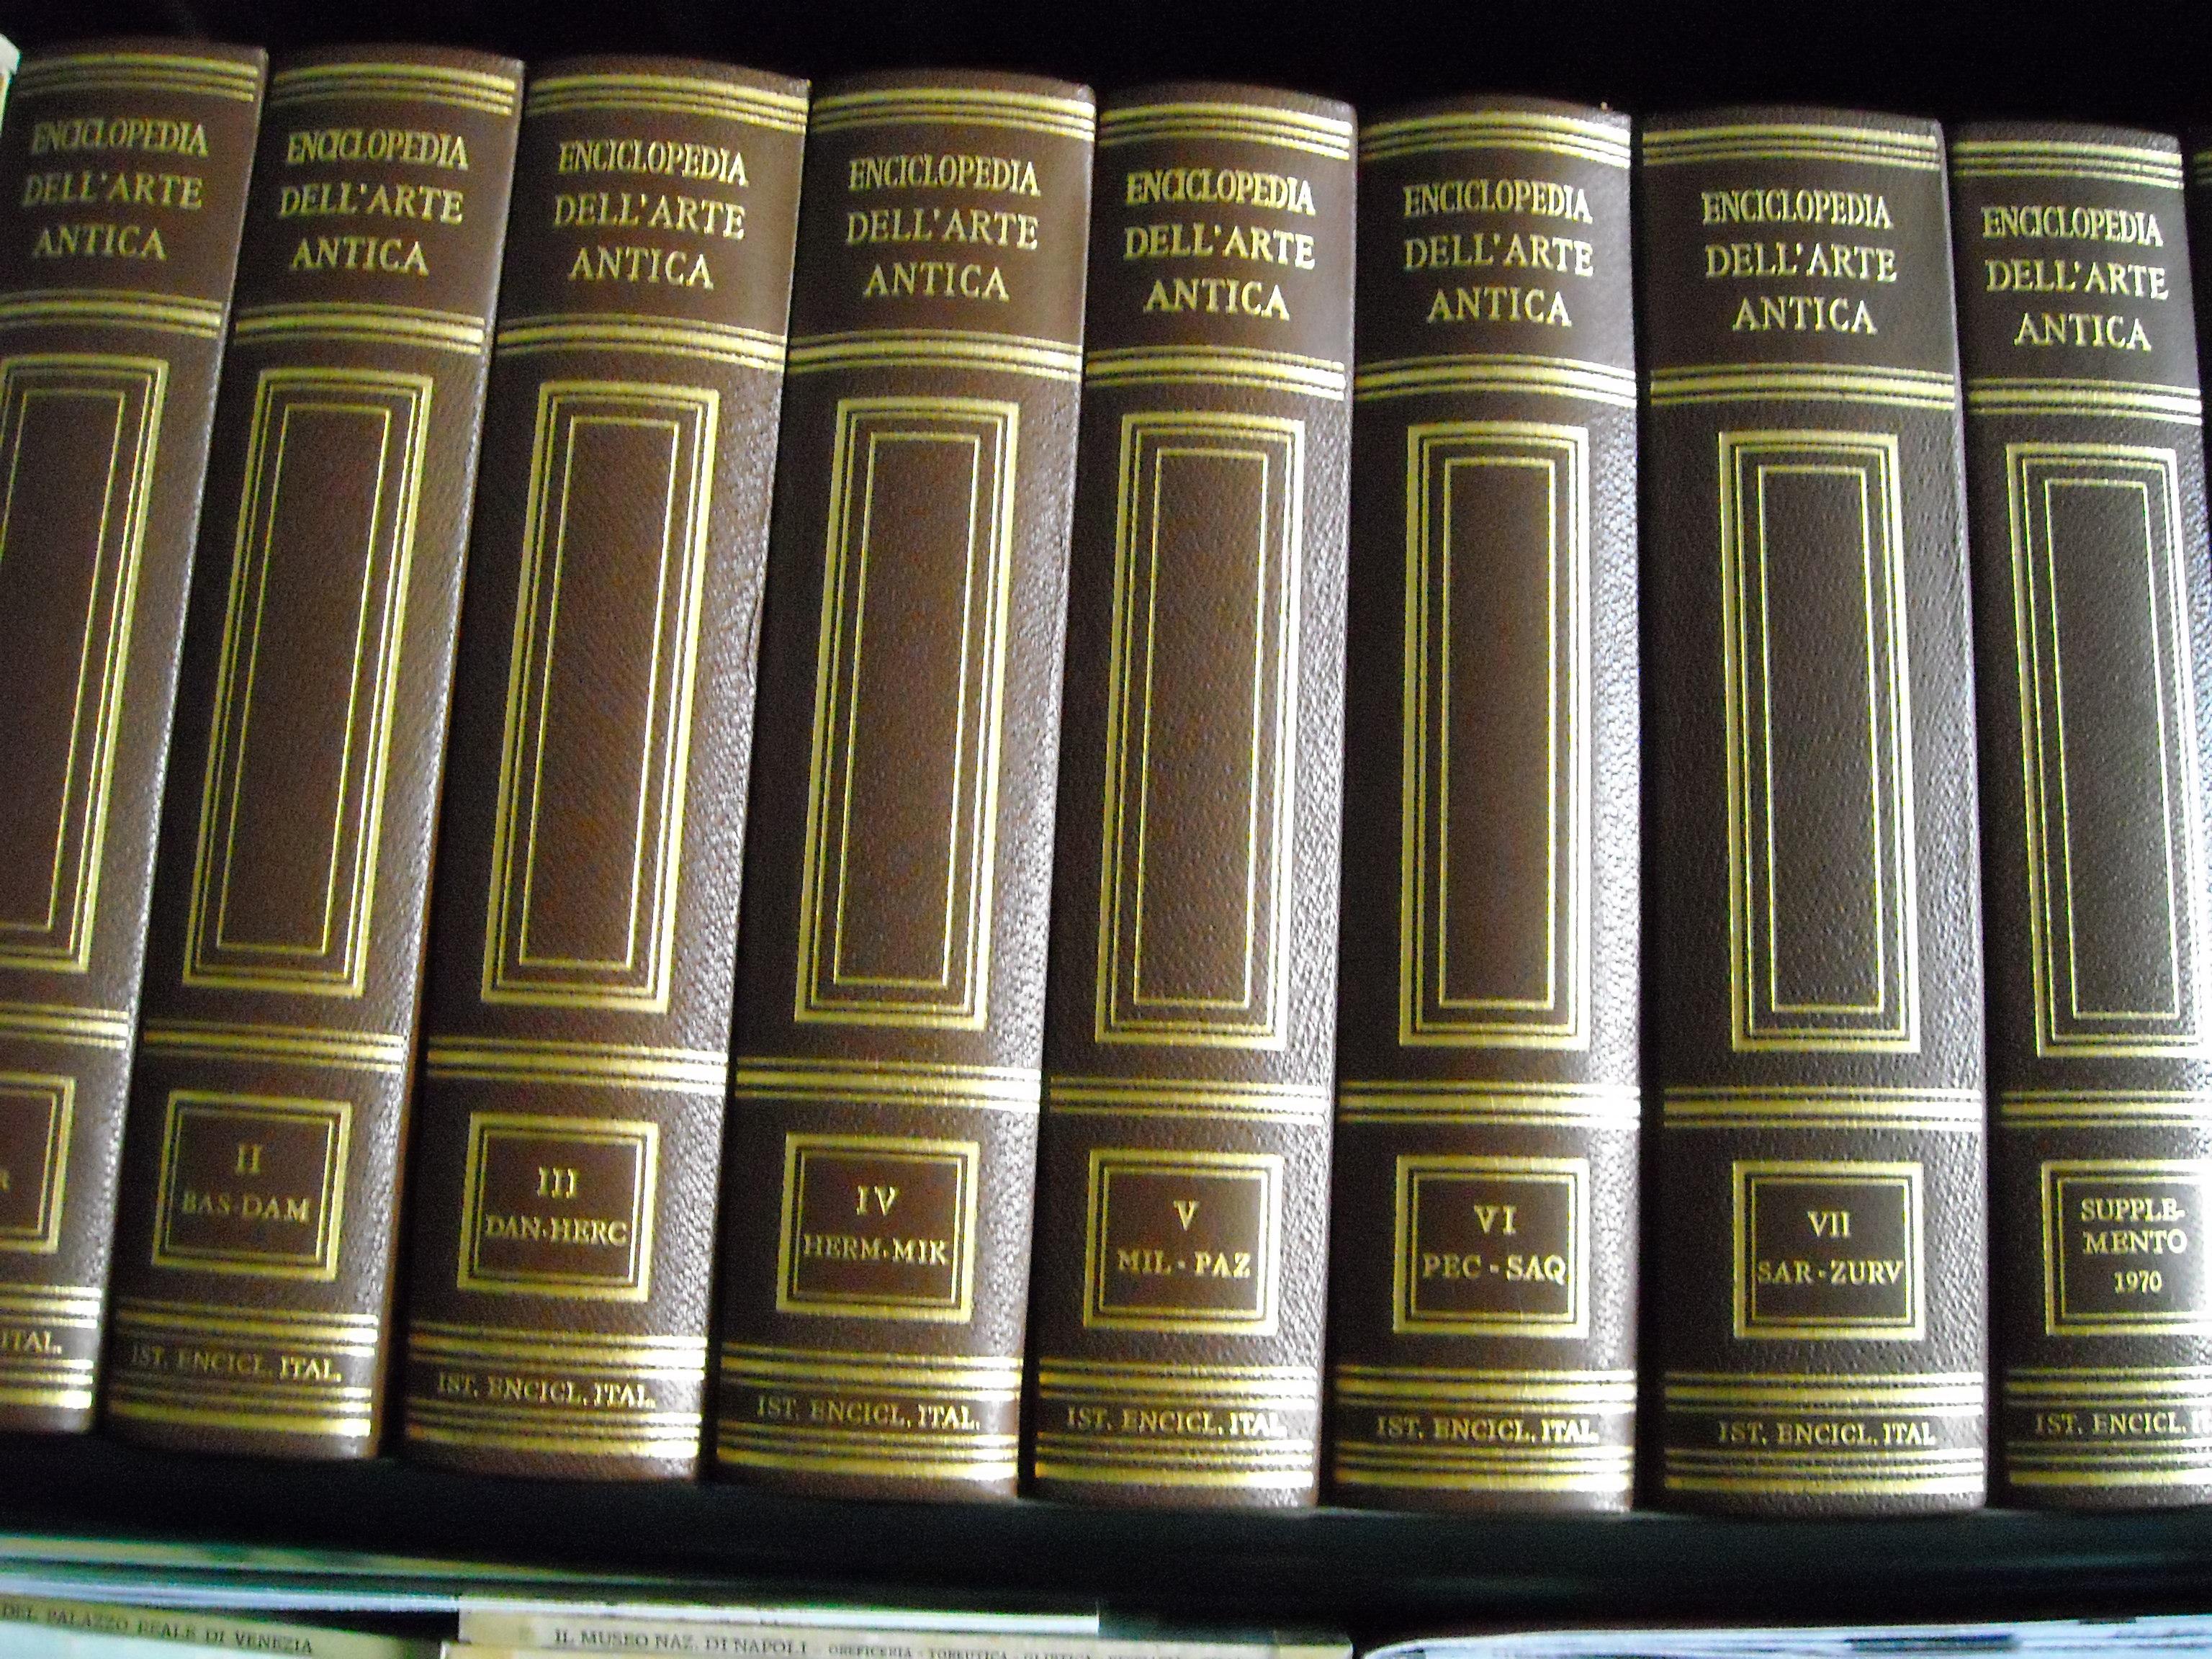 Enciclopedia dell'Arte Antica Vol. III